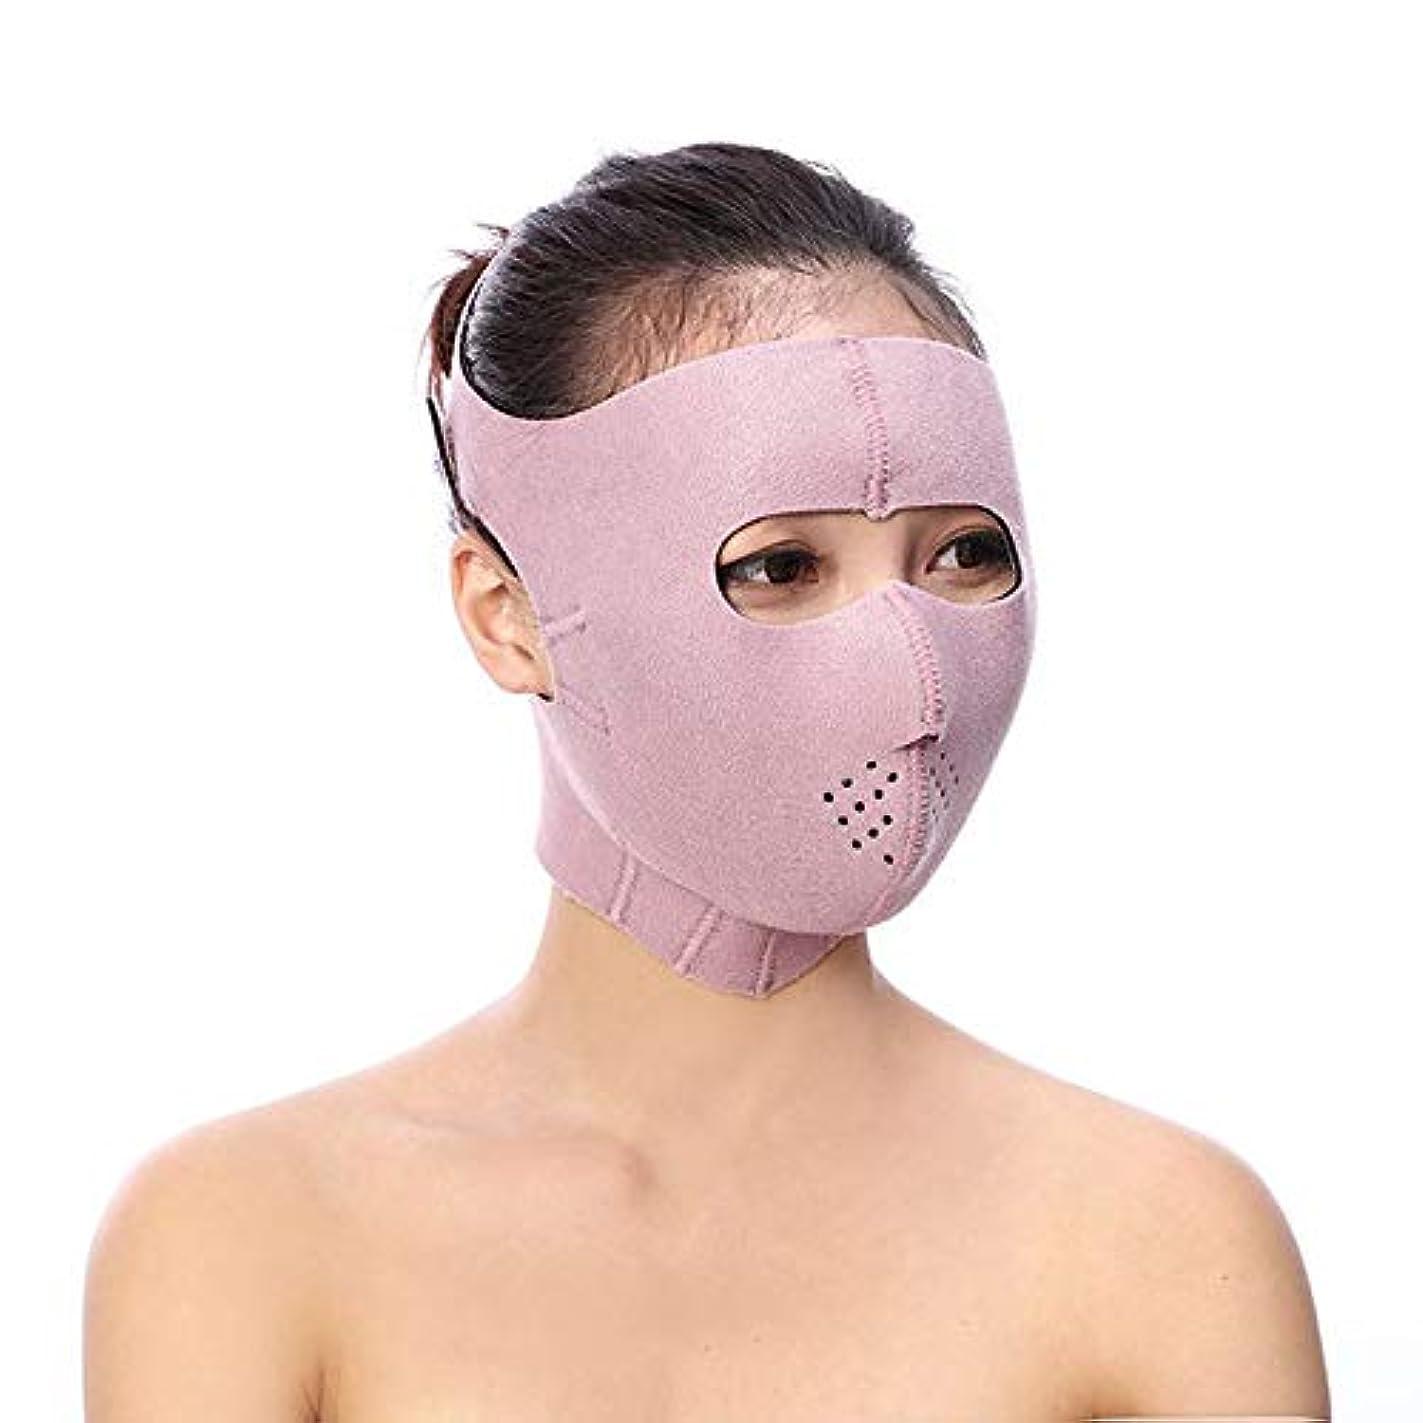 トランスミッショントランクくつろぐフェイシャルリフティング痩身ベルト - Vフェイス包帯マスクフェイシャルマッサージャー無料の薄いフェイス包帯整形マスクを引き締める顔と首の顔スリム